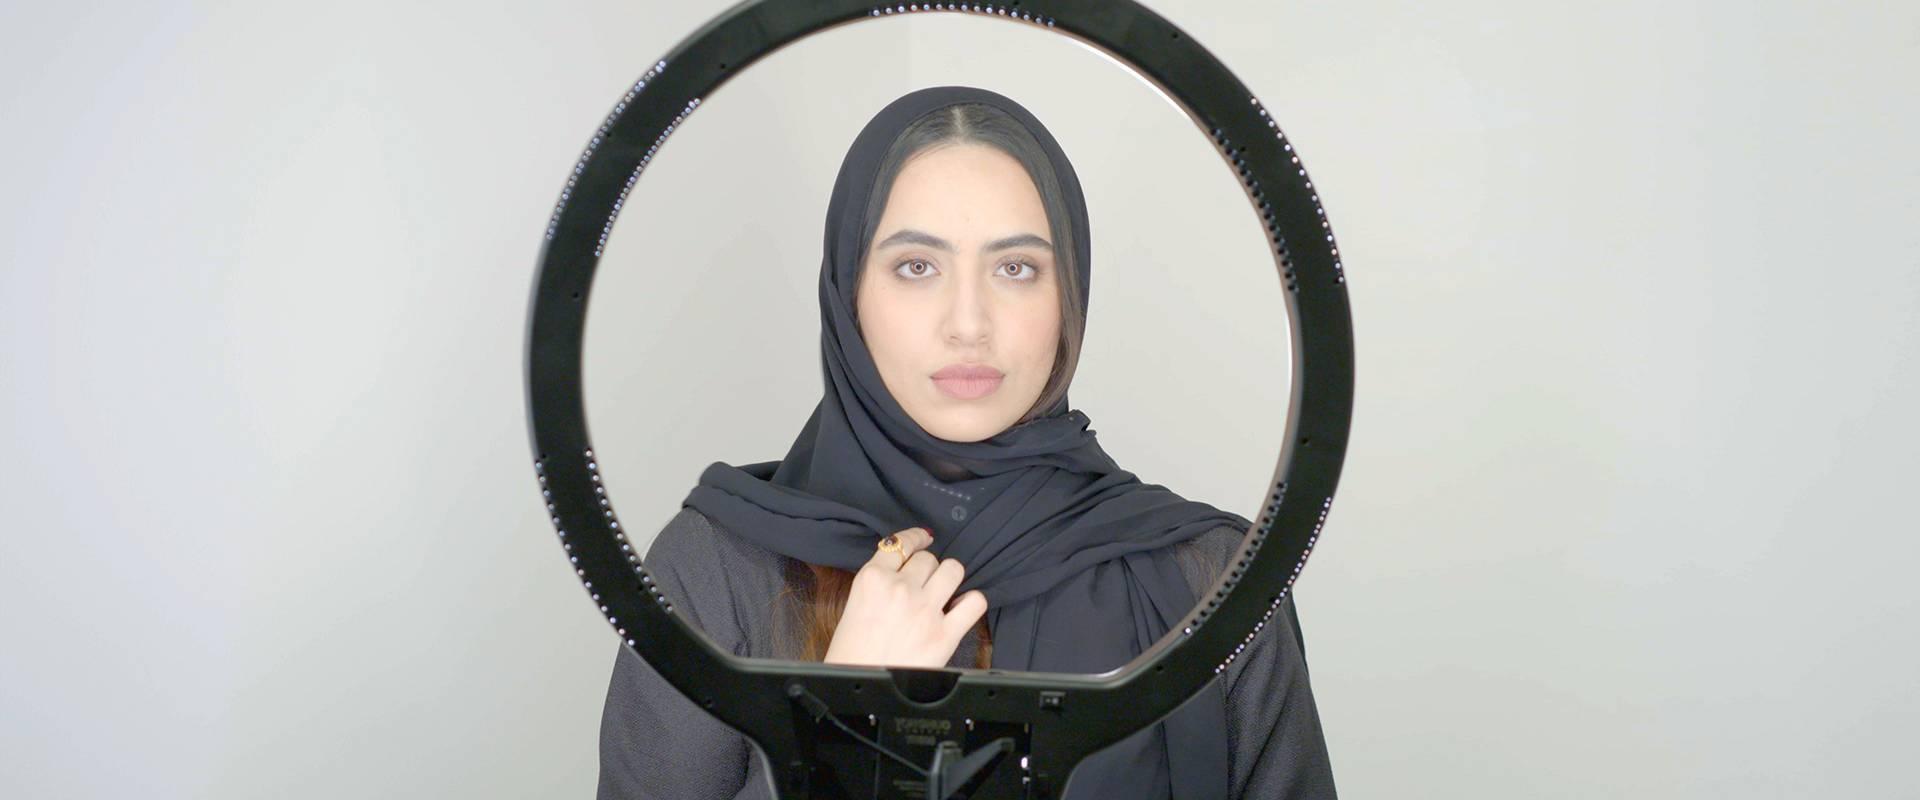 Sehr Amateurfhafte Arabische Aufnahme